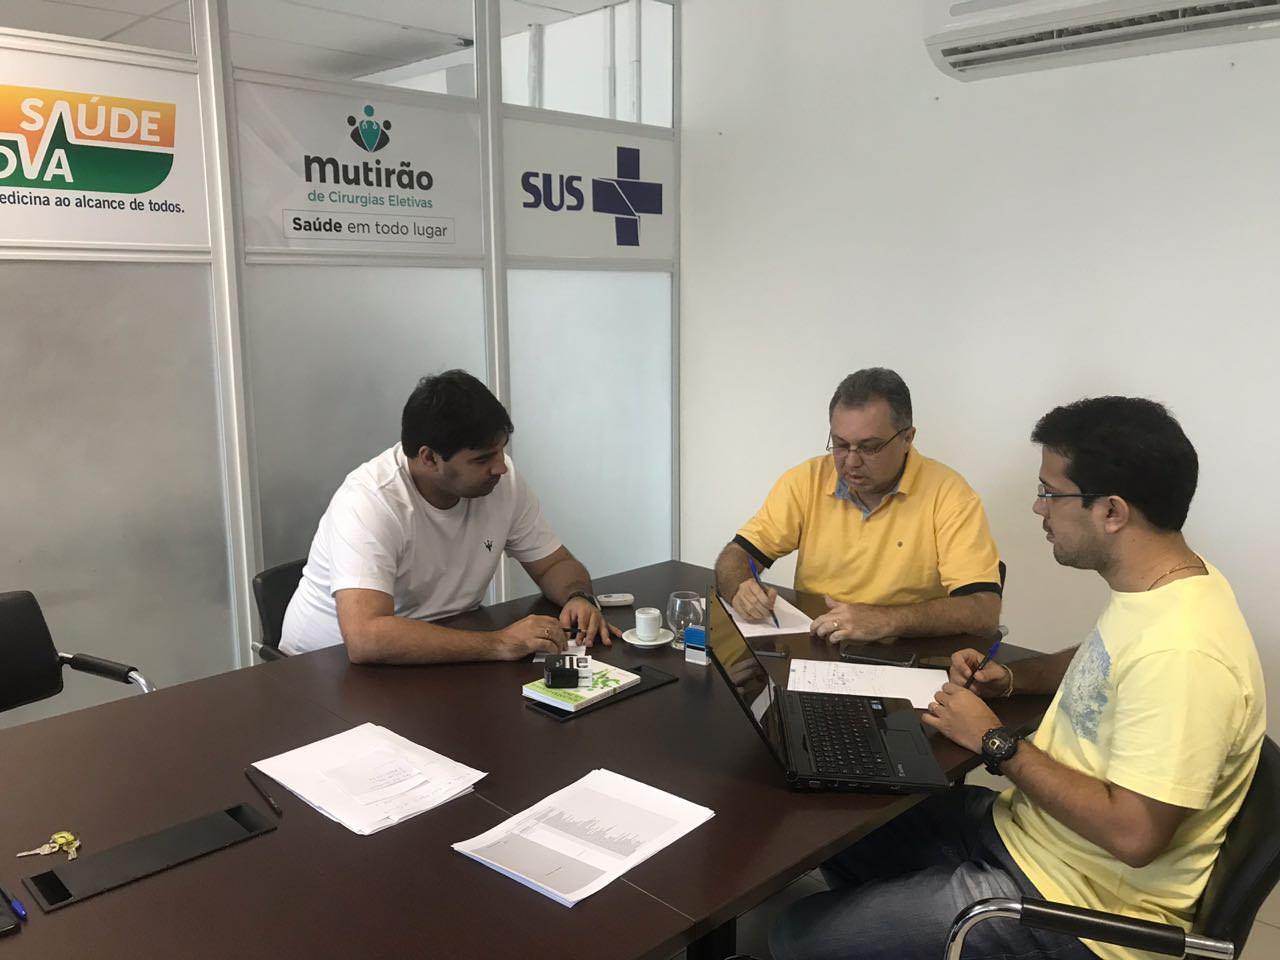 Secretário da Saúde Florentino Neto faz plantão para monitorar problemas de abastecimento em hospitais